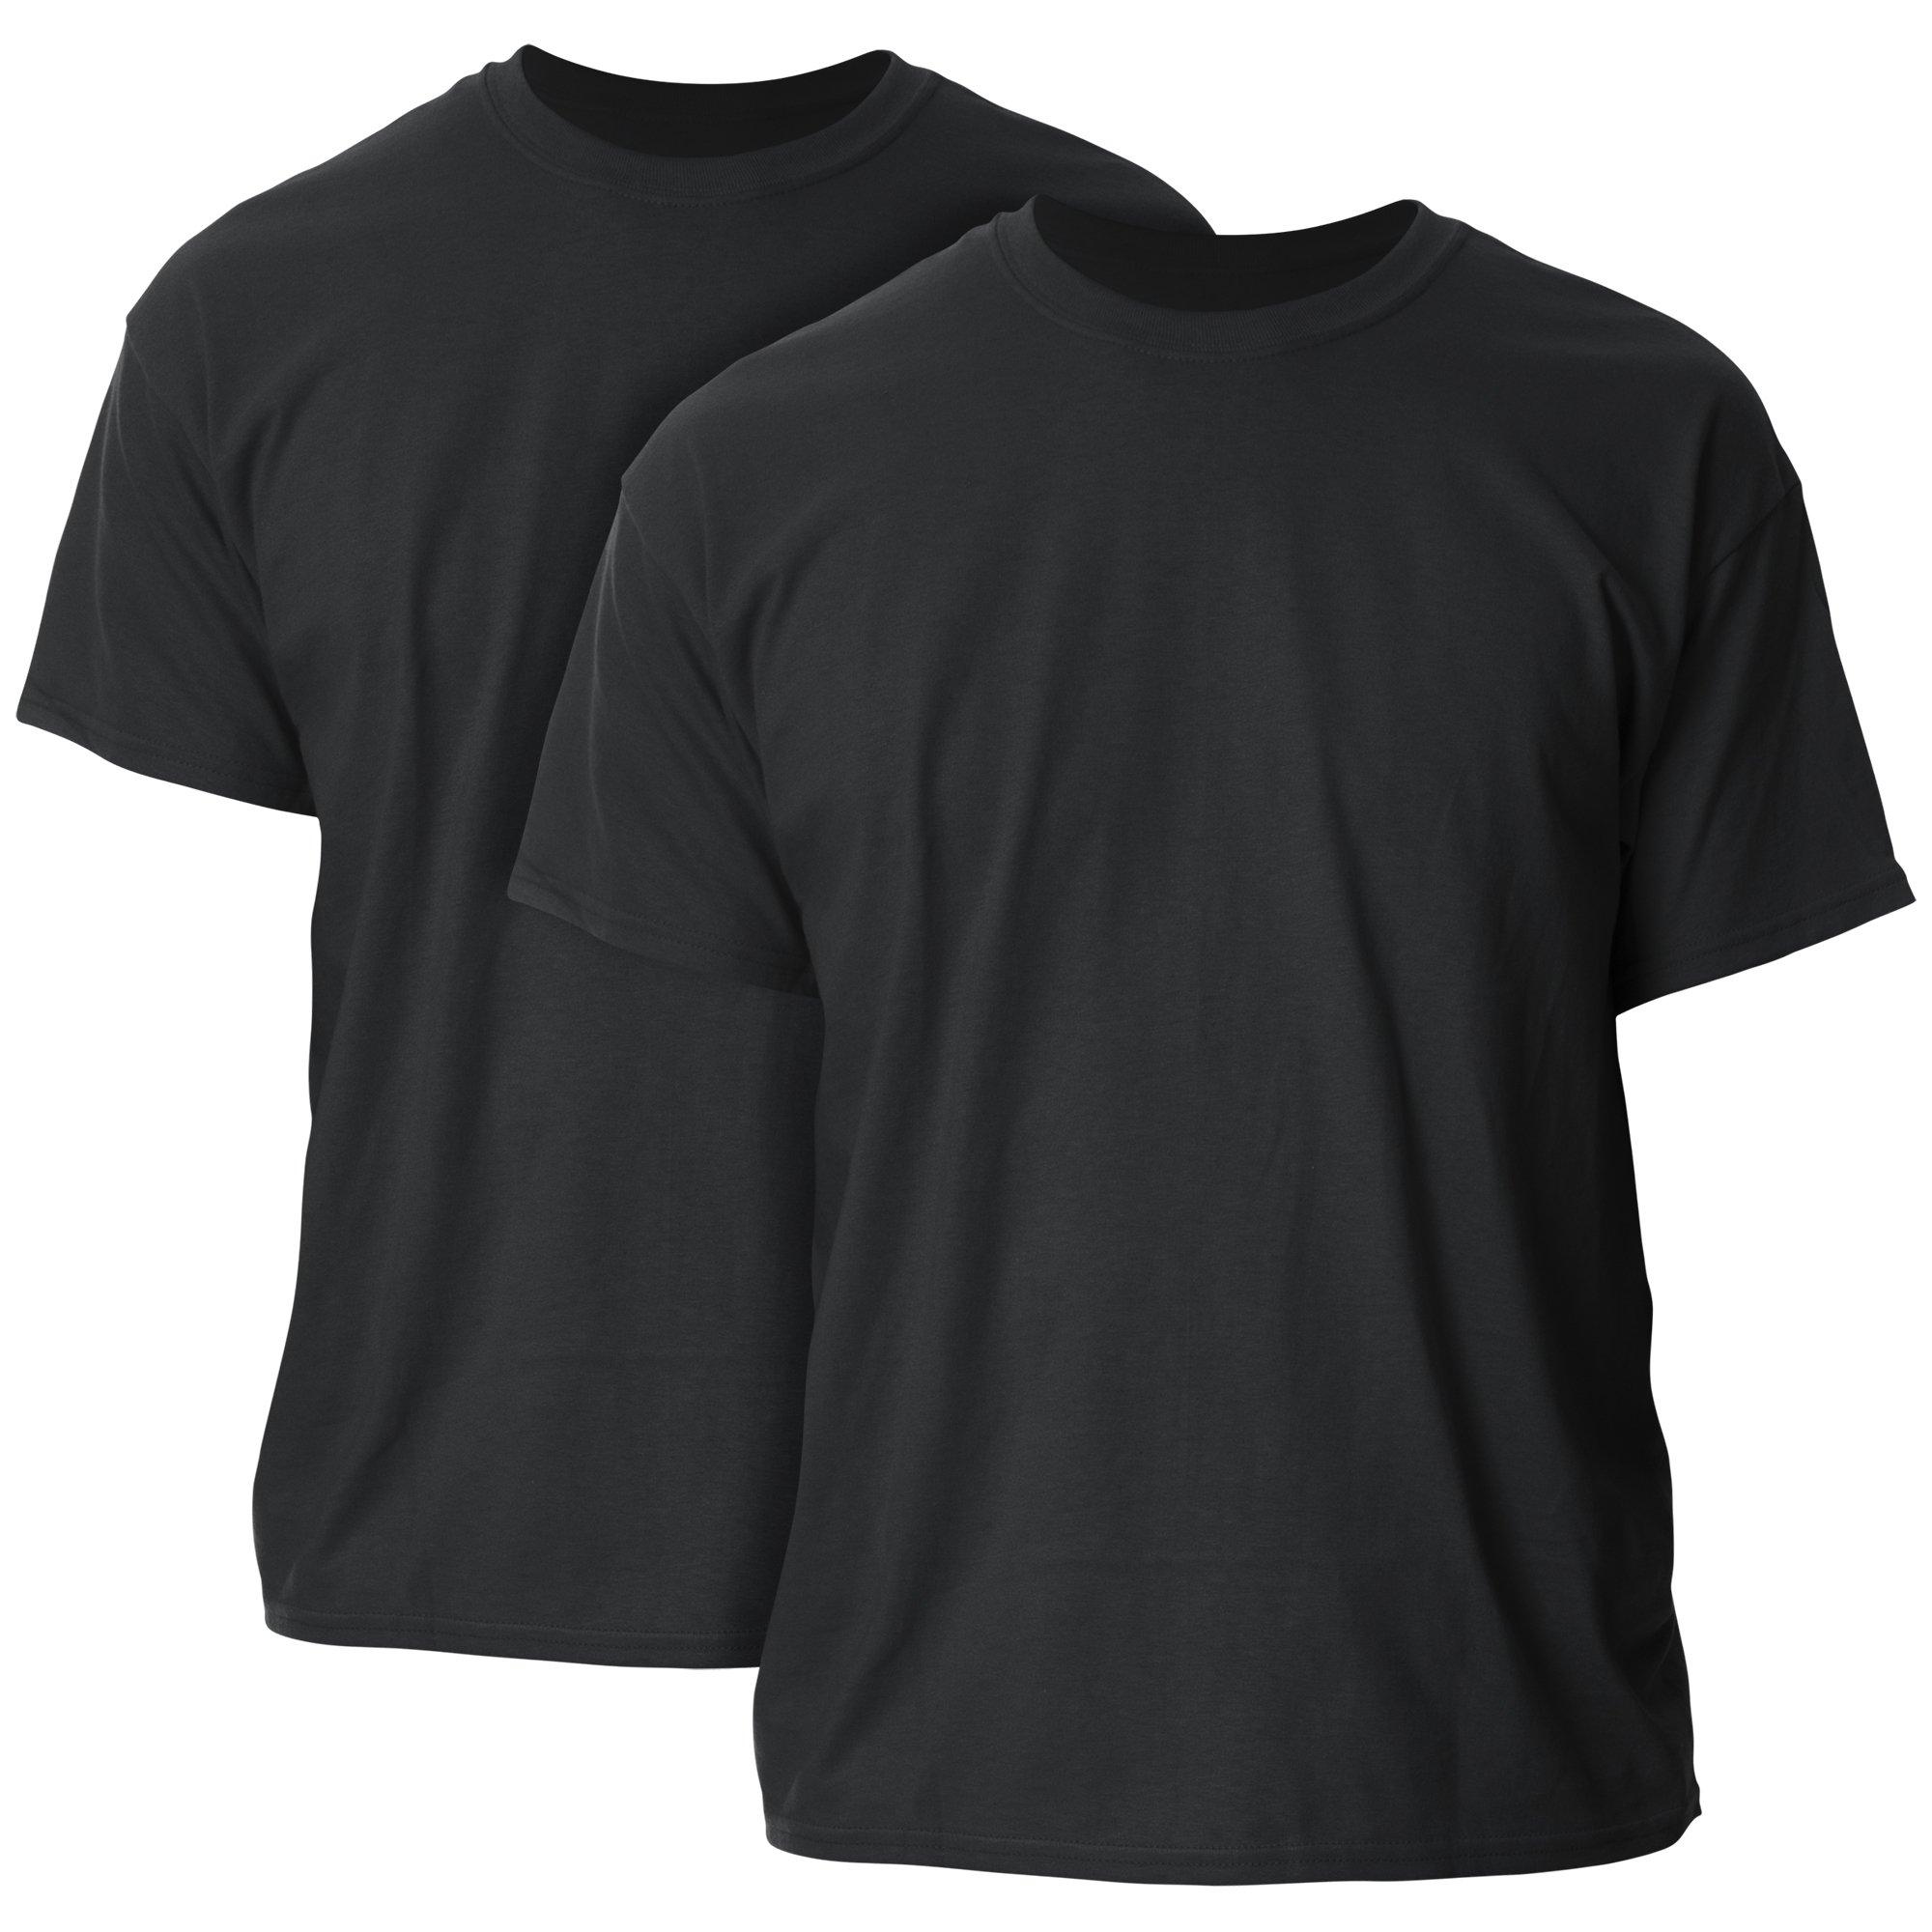 Gildan Men's G2000 Ultra Cotton Adult T-Shirt, 2-Pack